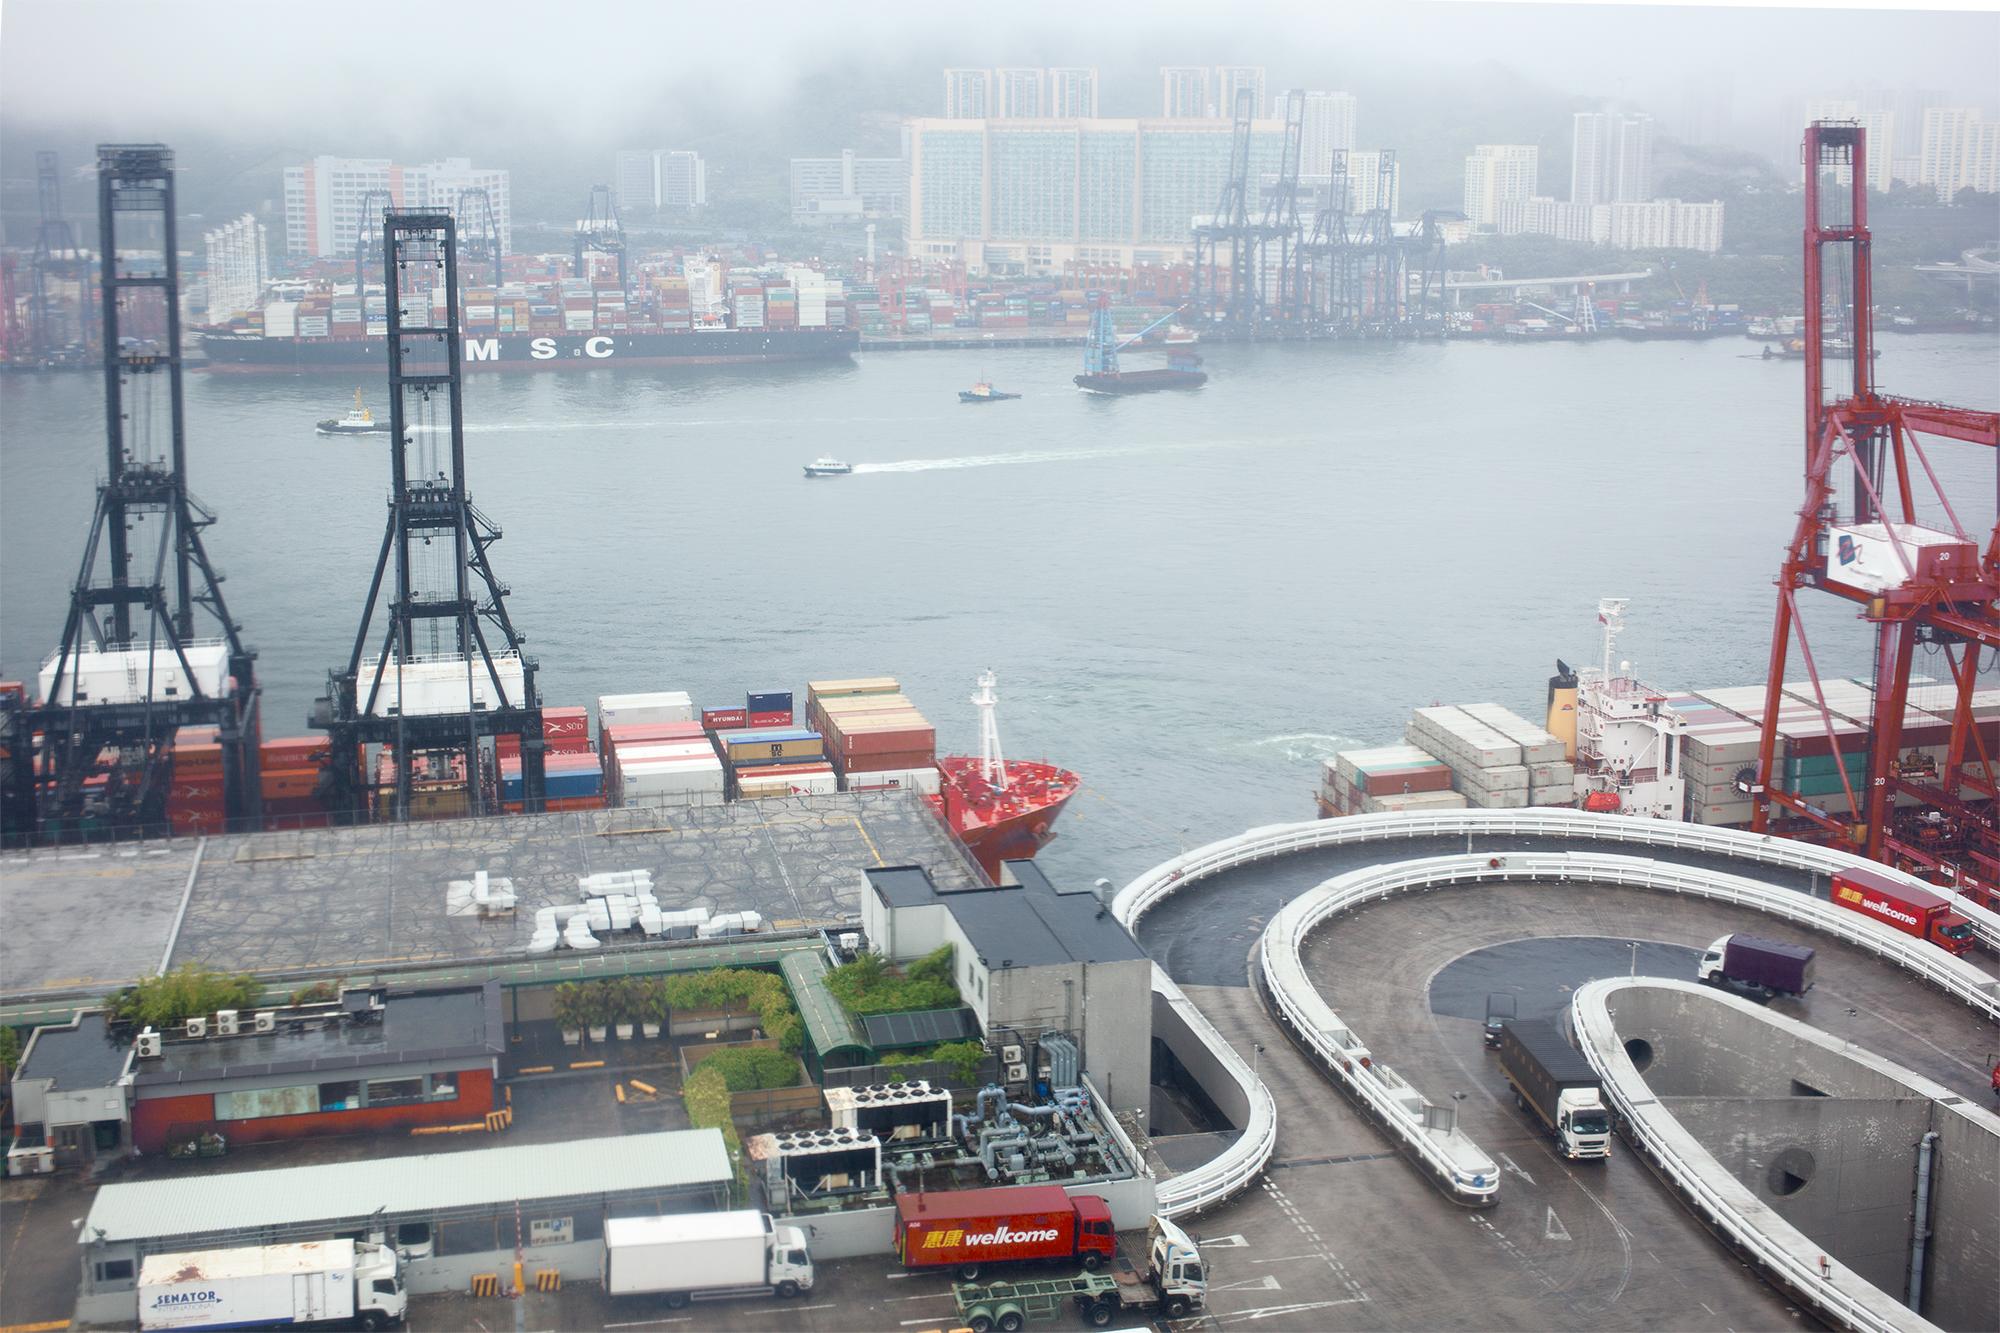 ATL Logistics Centre Hong Kong, at the Port of Hong Kong, 2016.